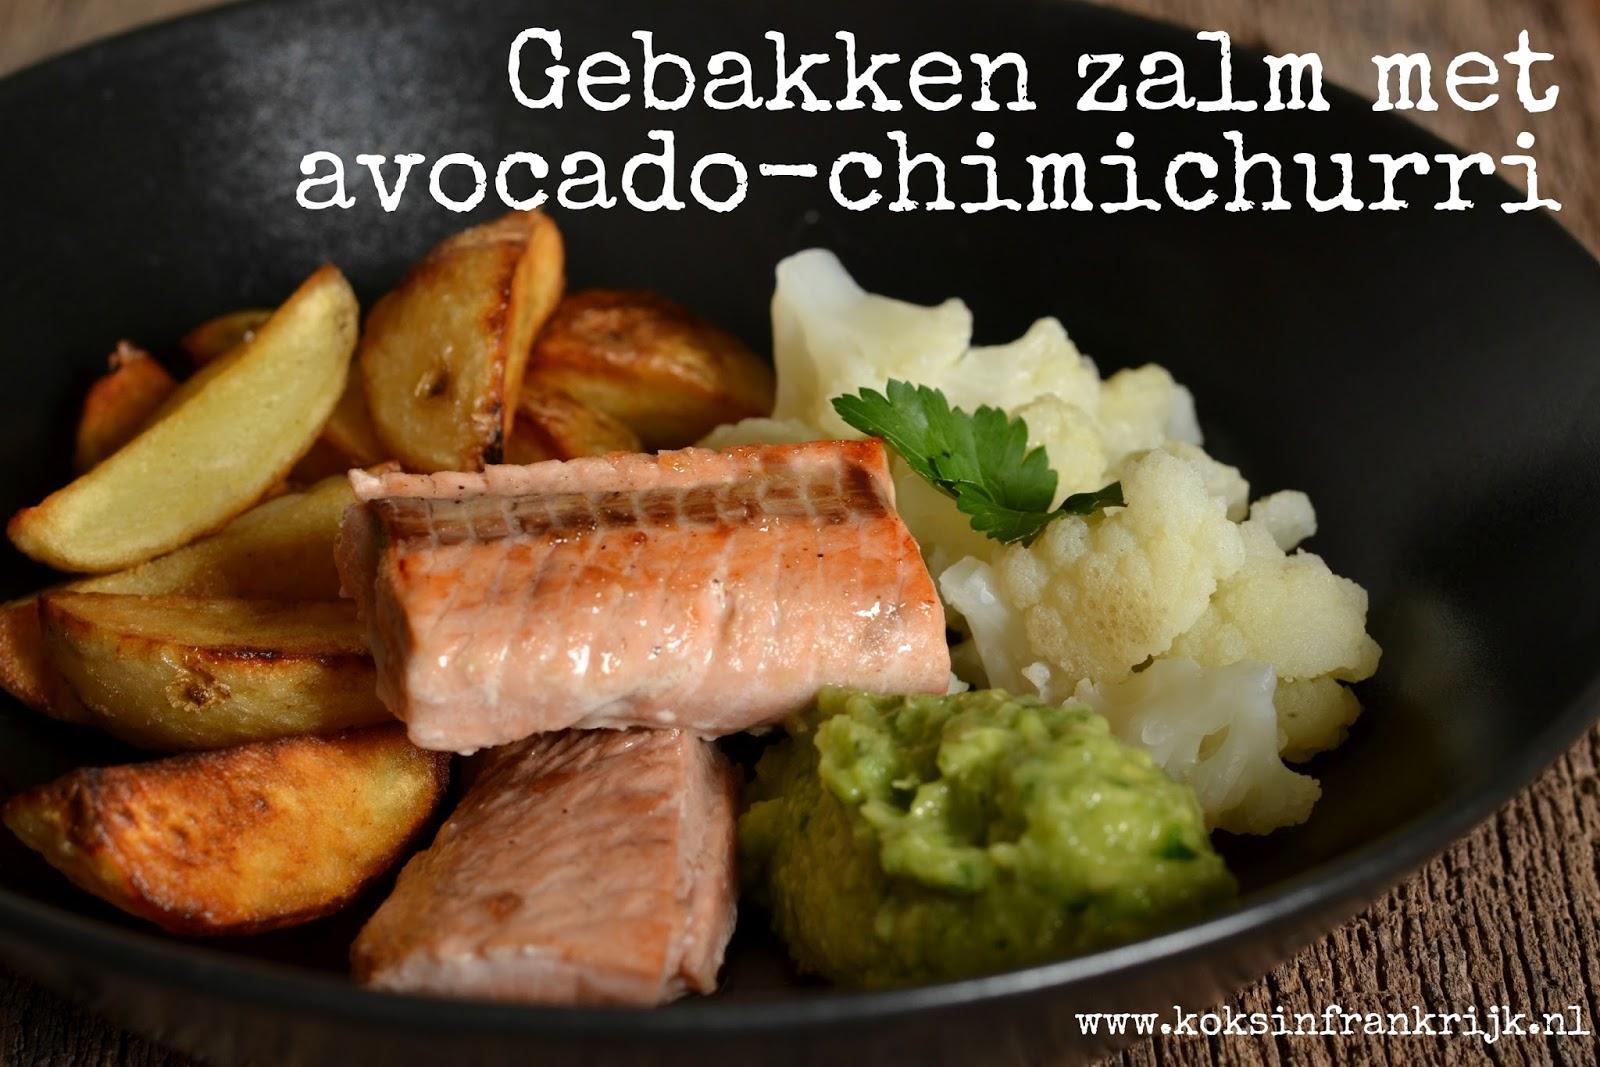 Orgineel recept met zalm en avocado - lekker pittig - met gebakken aardappel